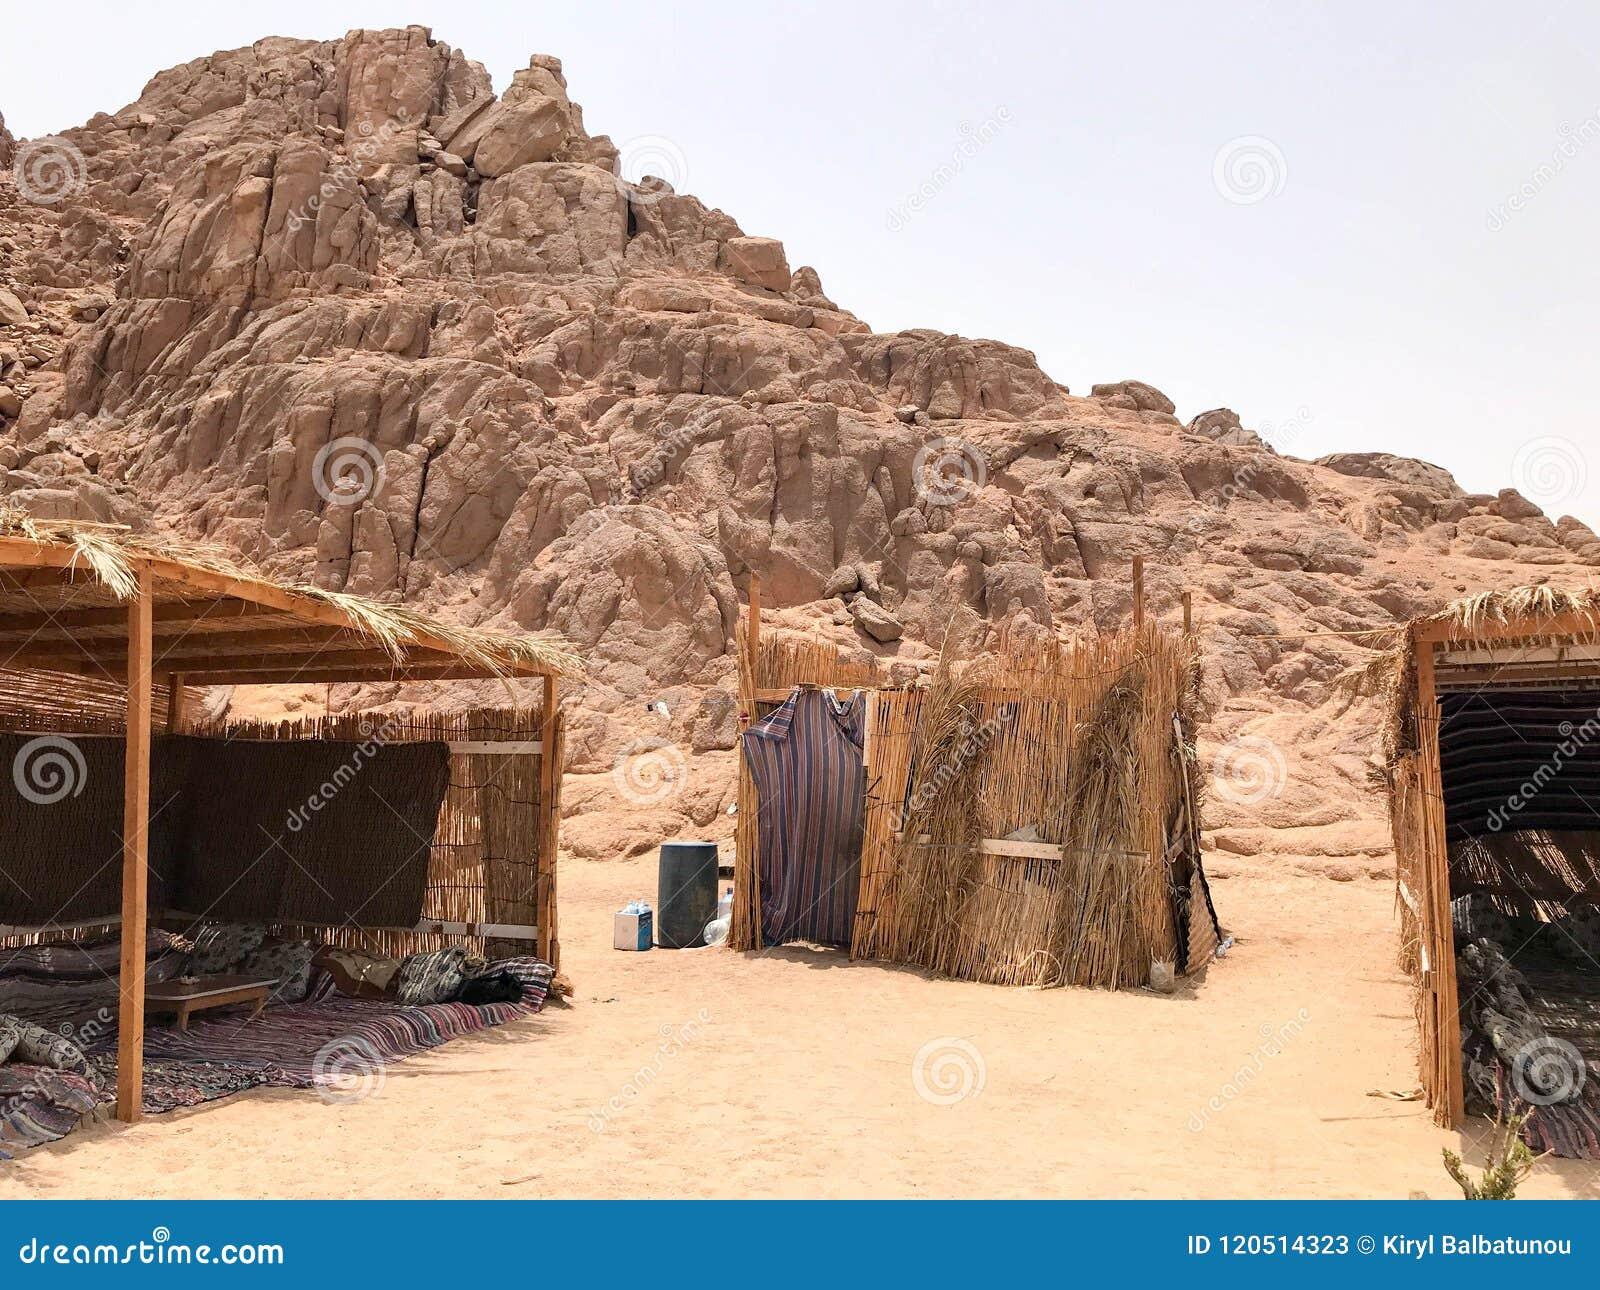 Een broze, dilapidated vervallen, breekbare, breekbare slechte die woning, een Bedouin gebouw van stro, takjes in een zandige het